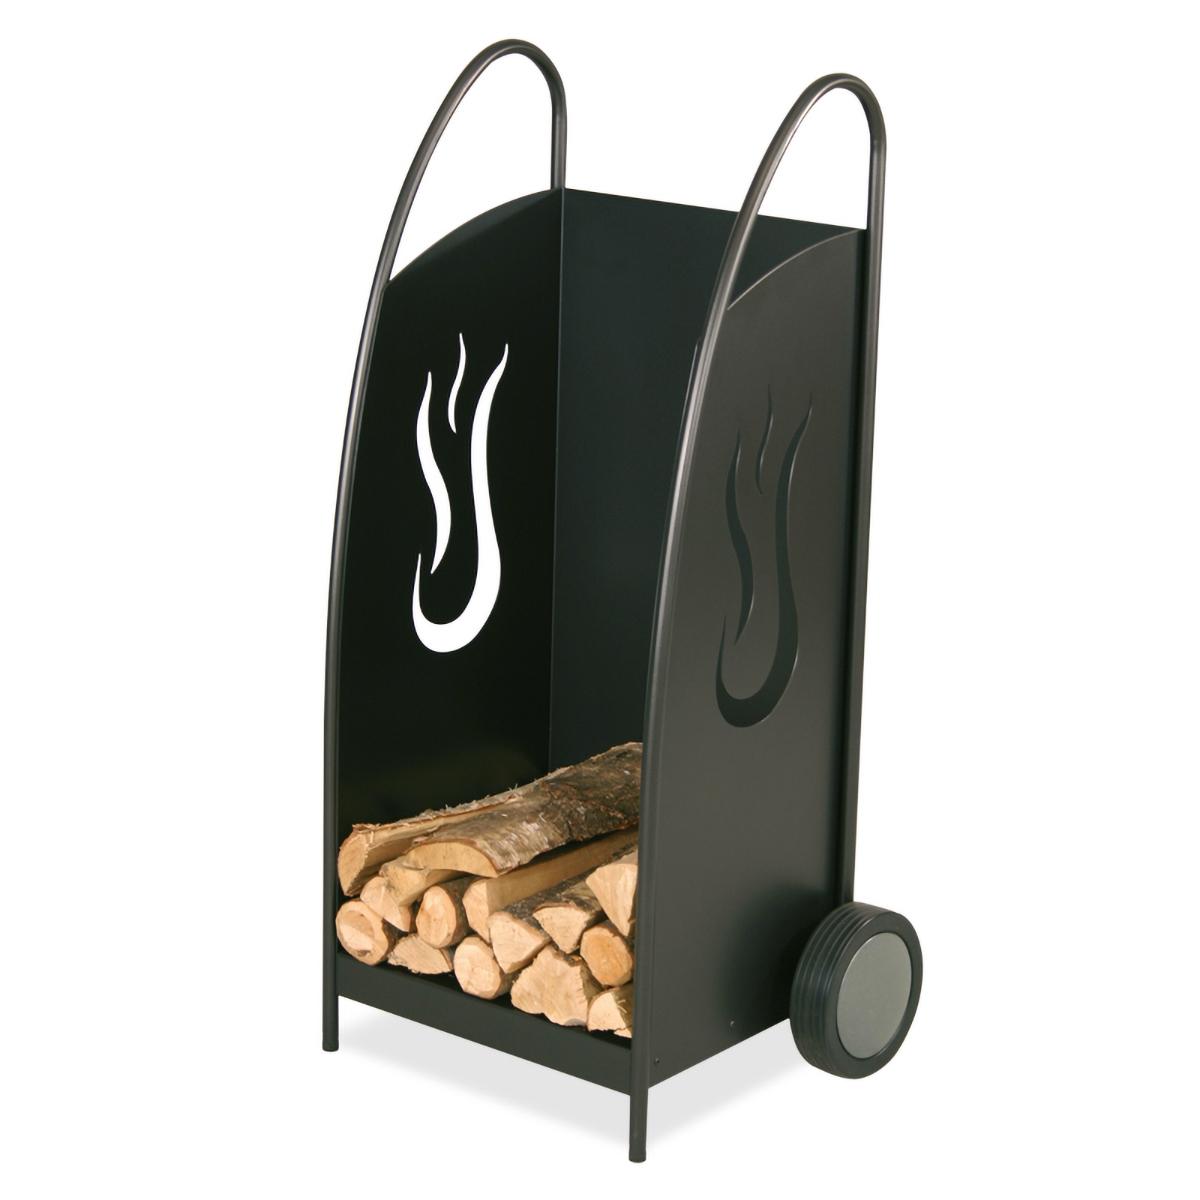 Heibi Fahrbarer Holzwagen Flammen 52323-028